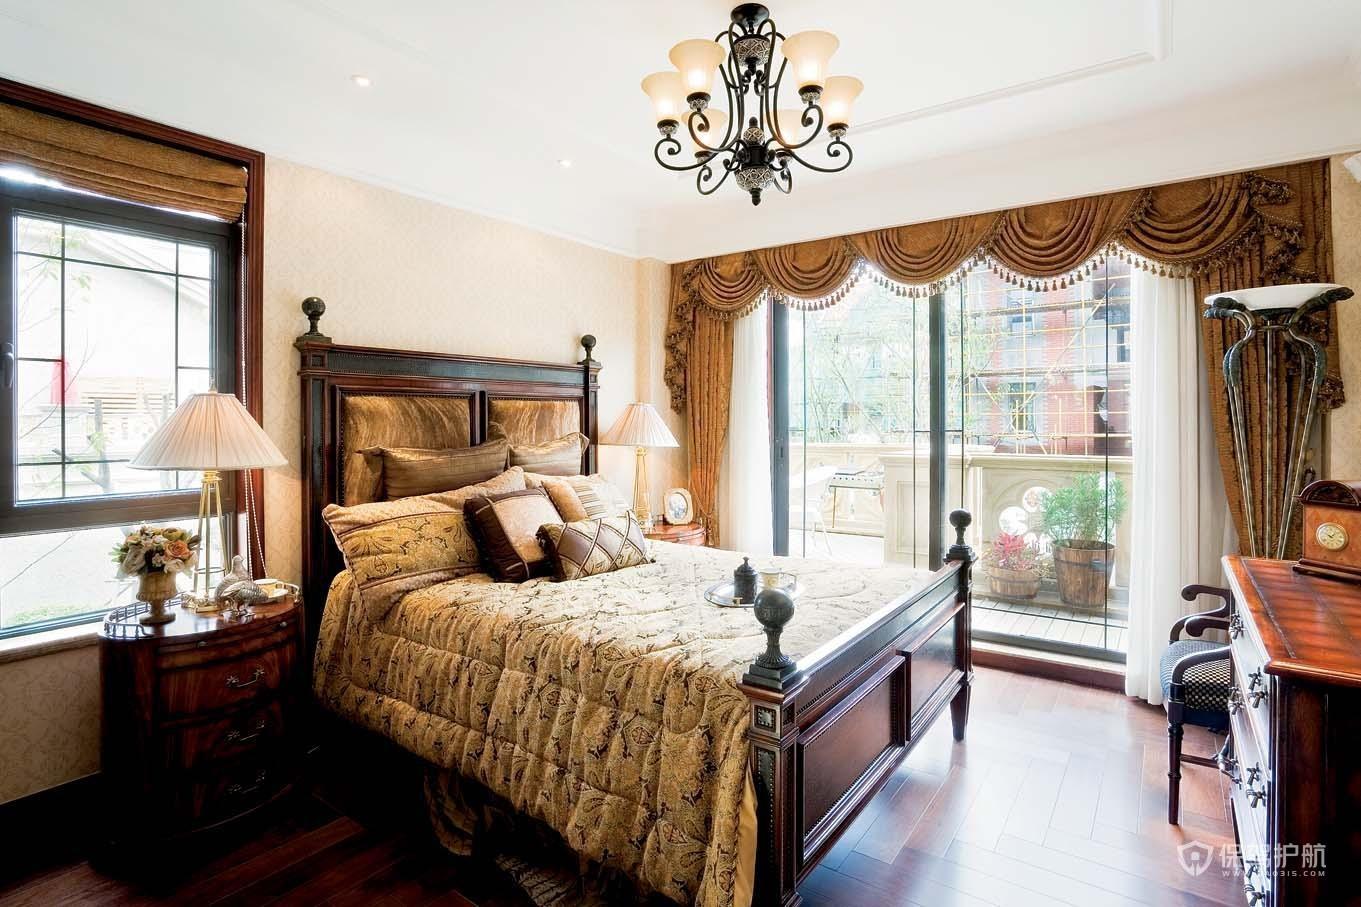 古典风格别墅卧室家具装修效果图